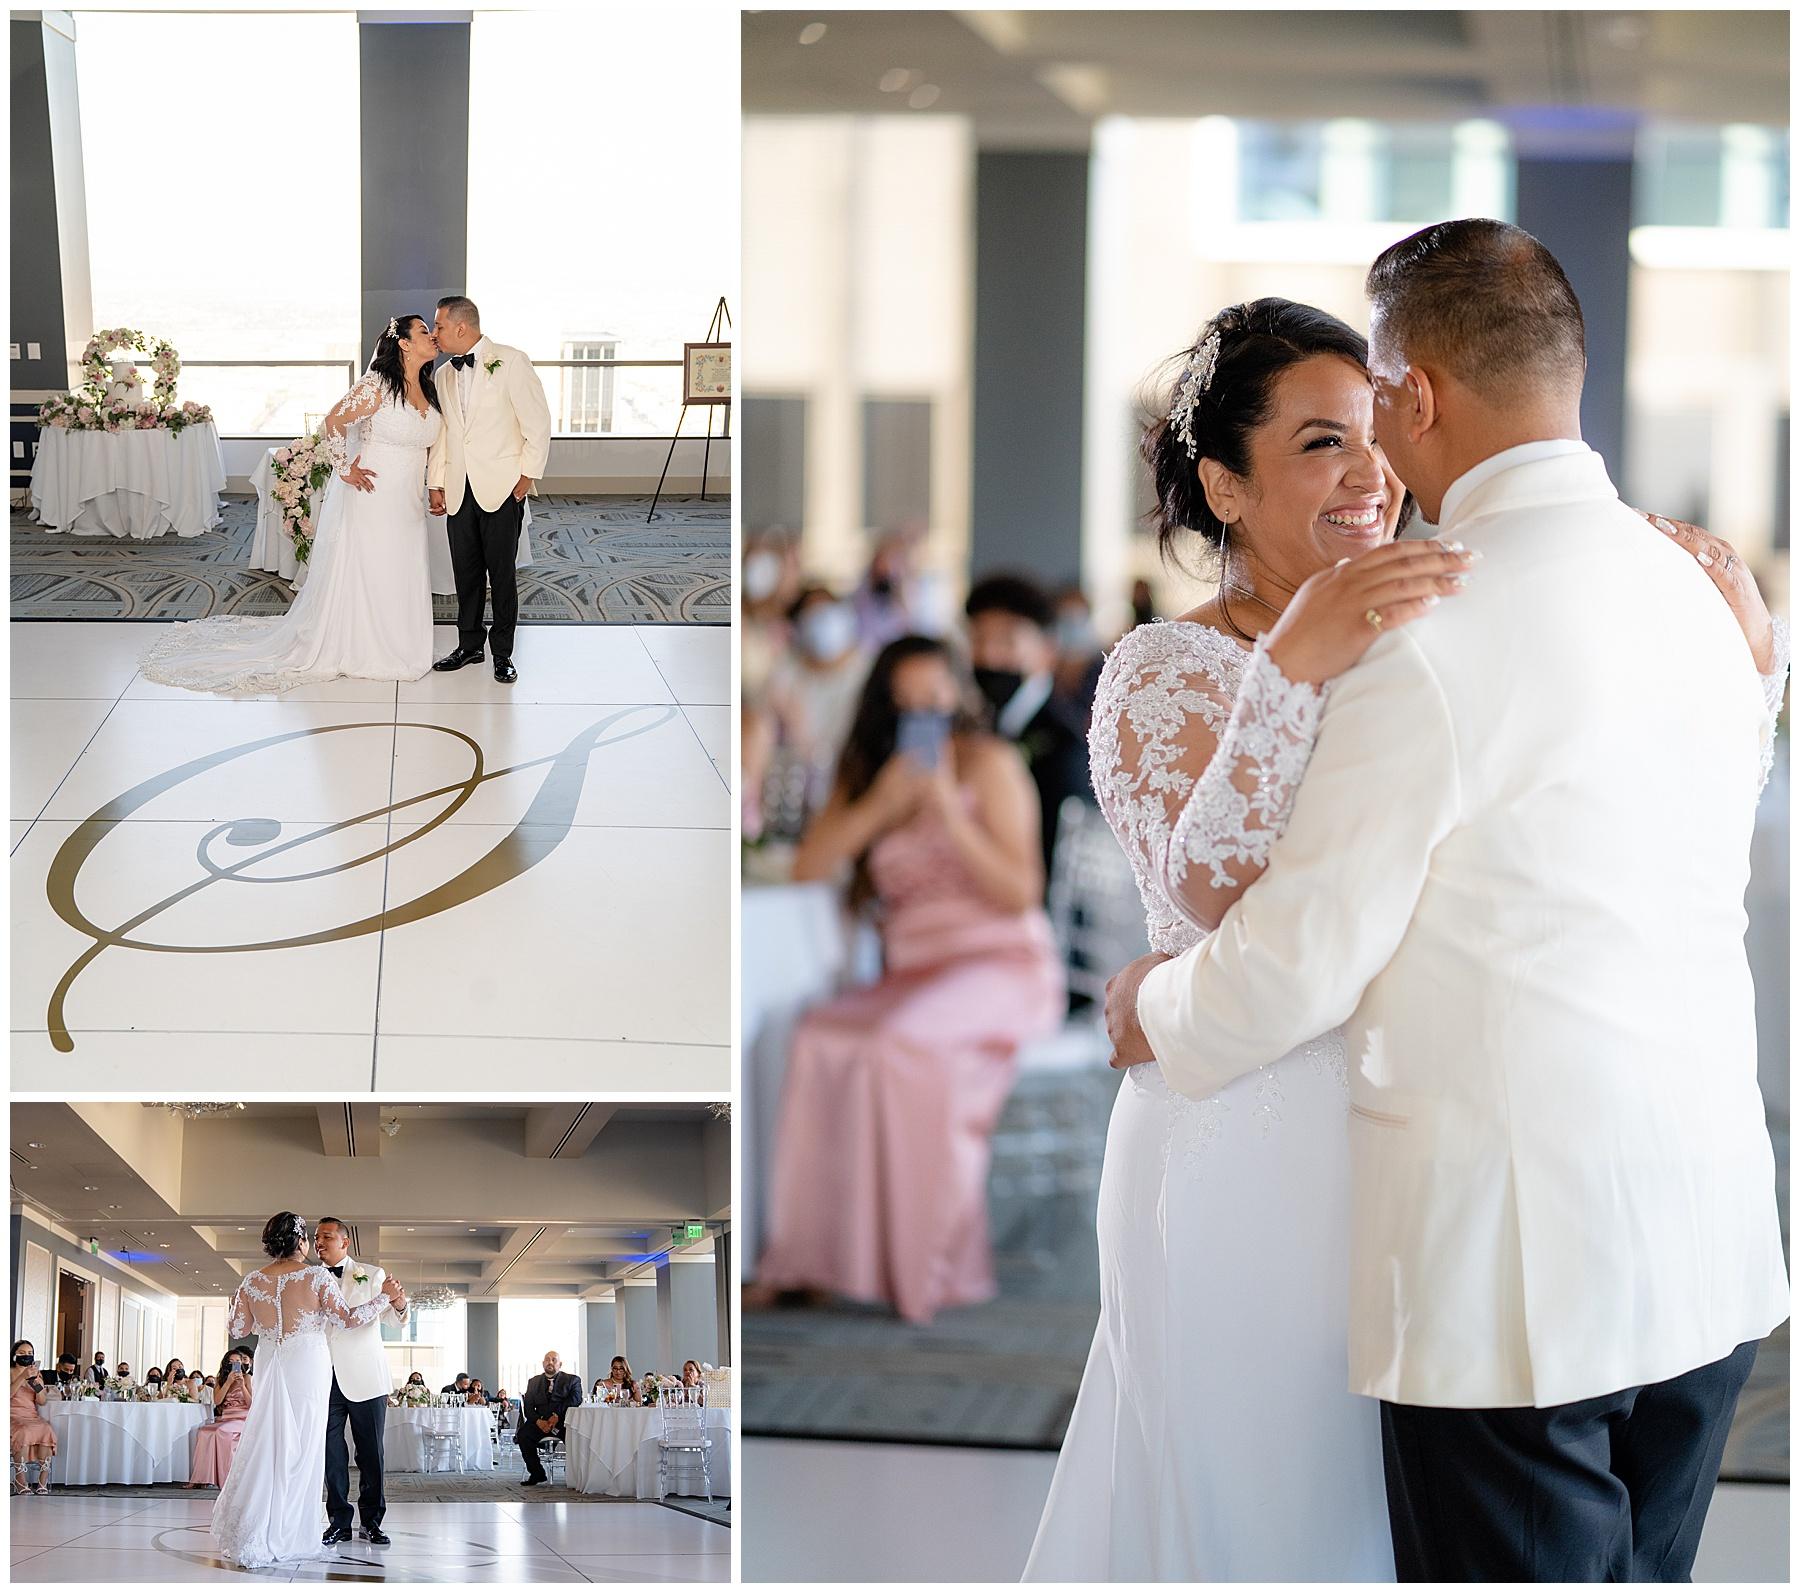 city club la wedding first dance